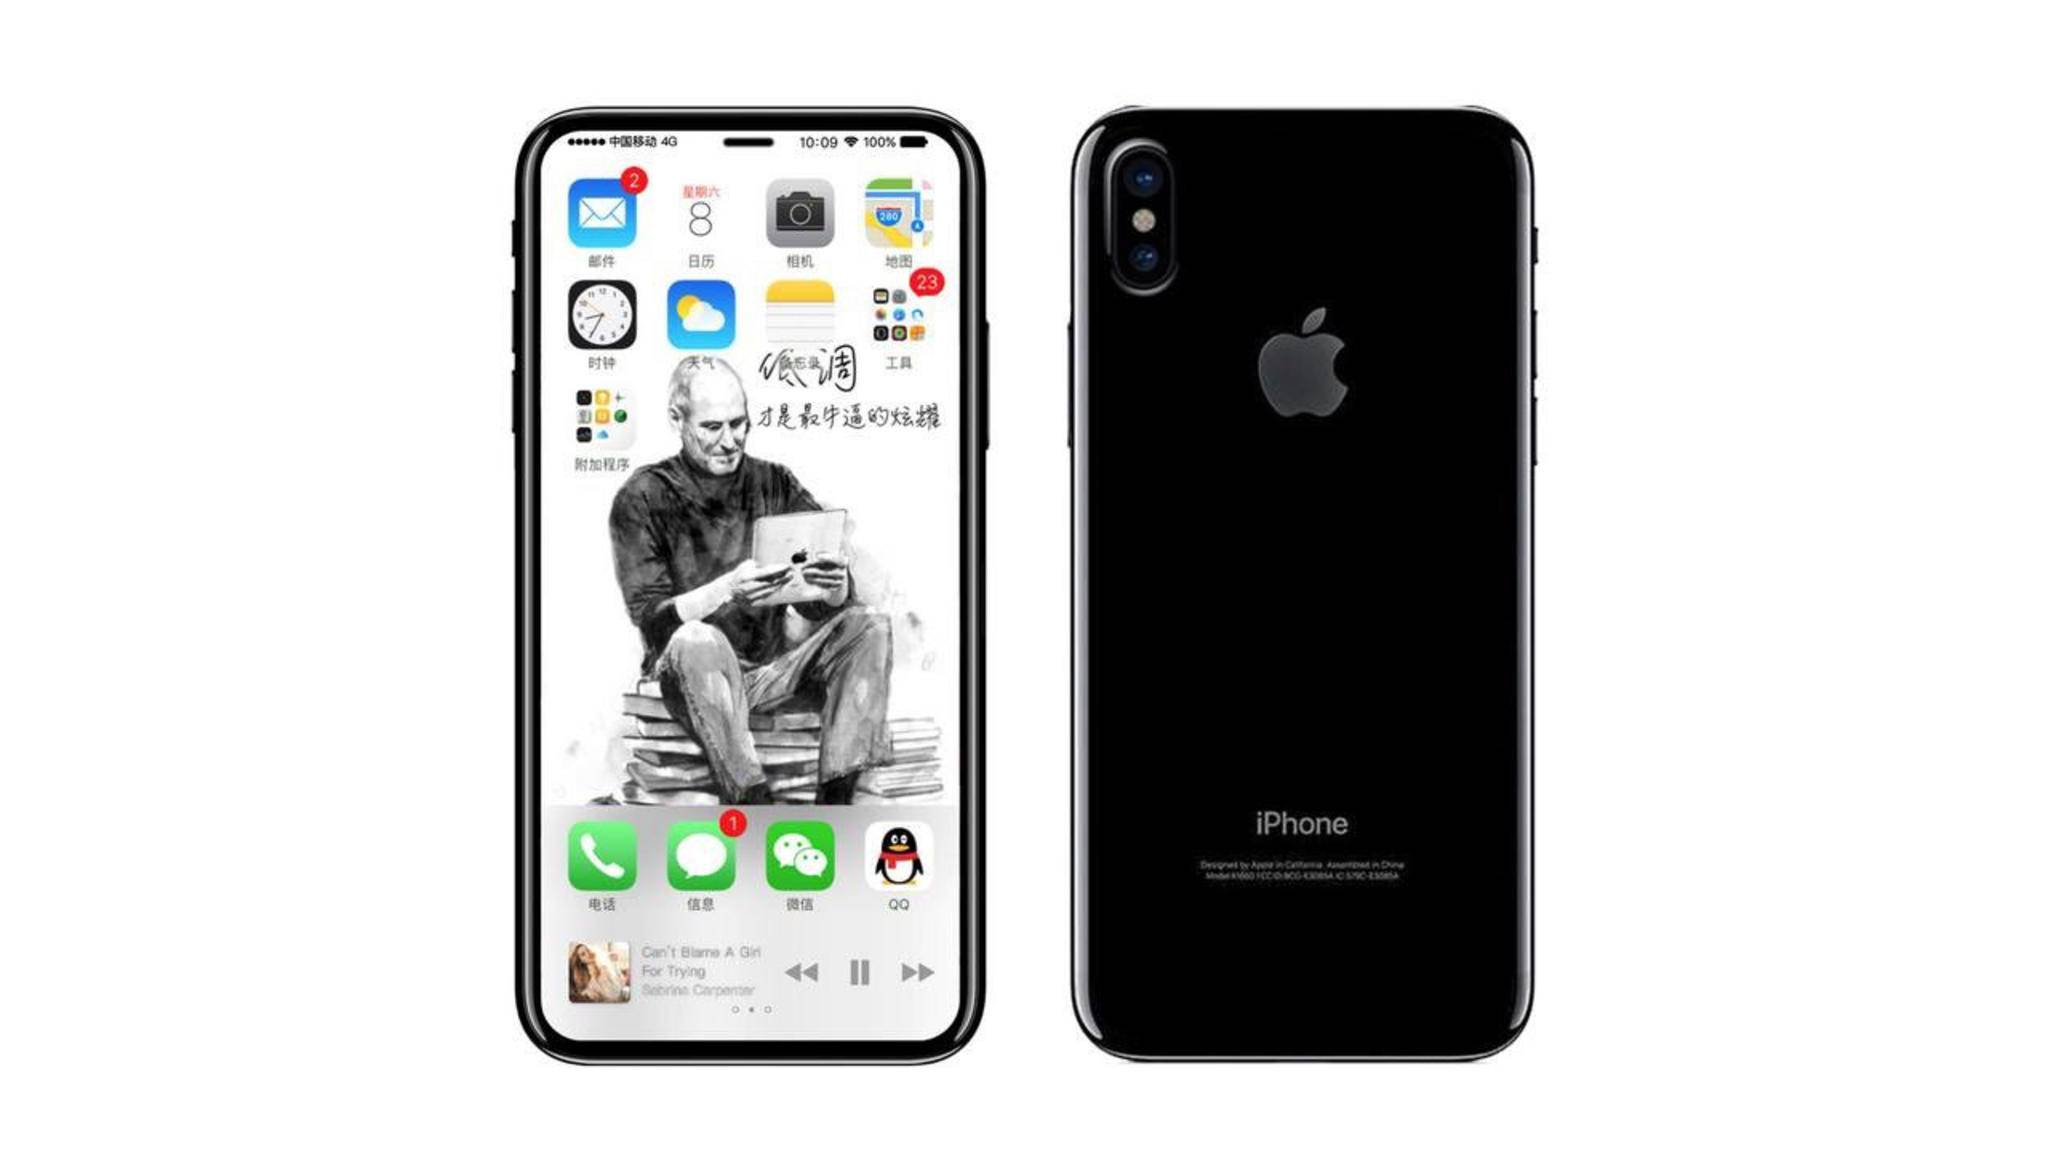 Ein iPhone 8 mit randlosem Screen könnte eine deutlich größere Bildschirmdiagonale haben.